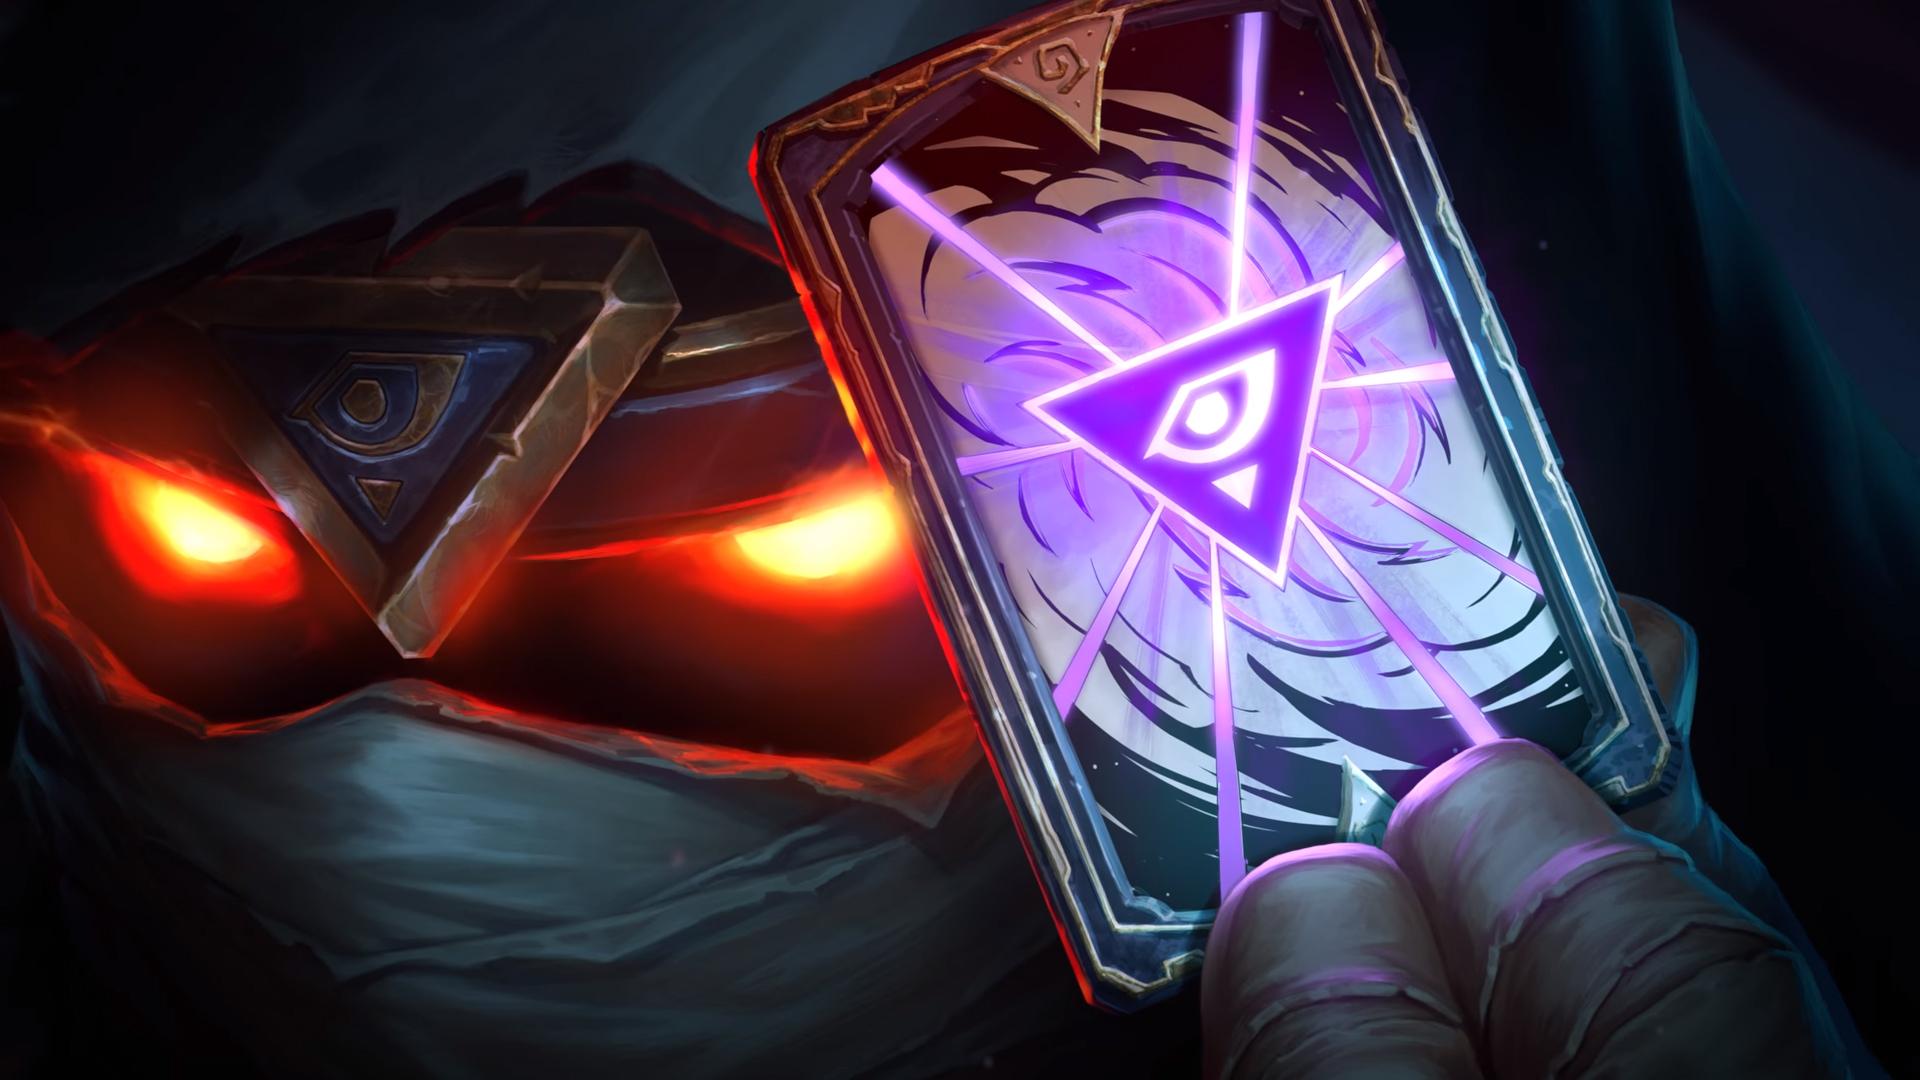 Le symbole est porté par Rafaam et sa carte du teaser